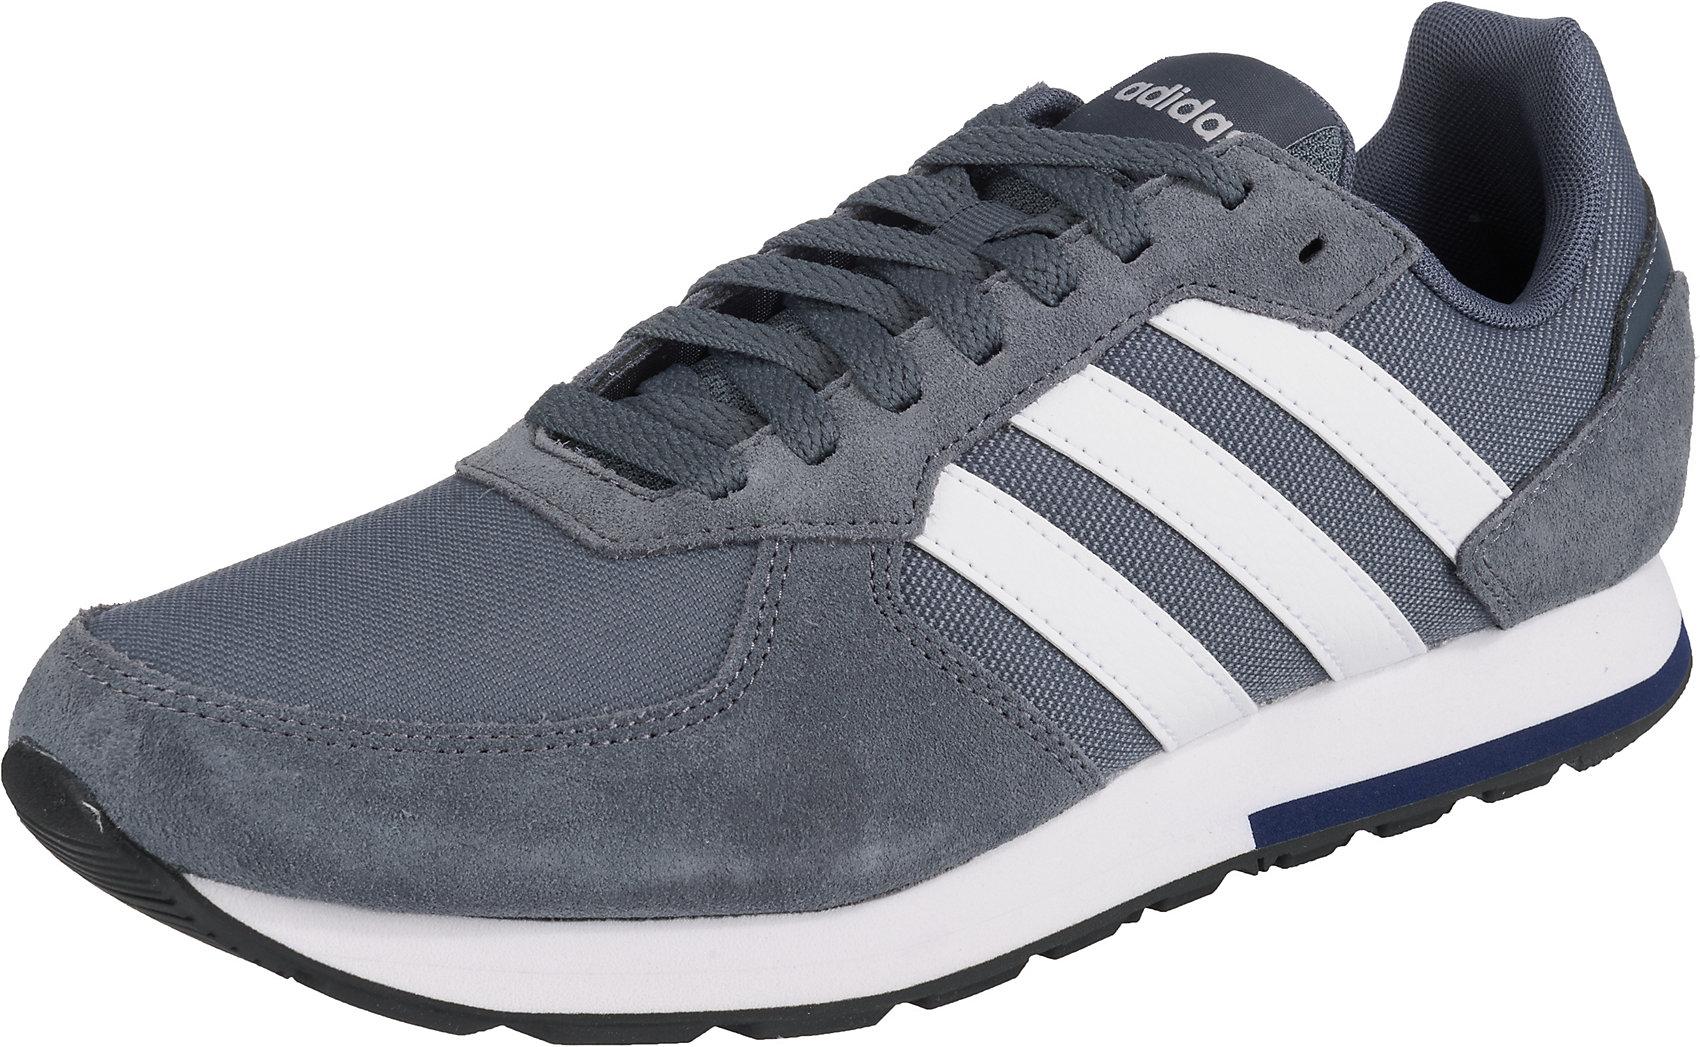 Details zu Neu adidas Sport Inspired 8K Sneakers Low 10414019 für Herren grau